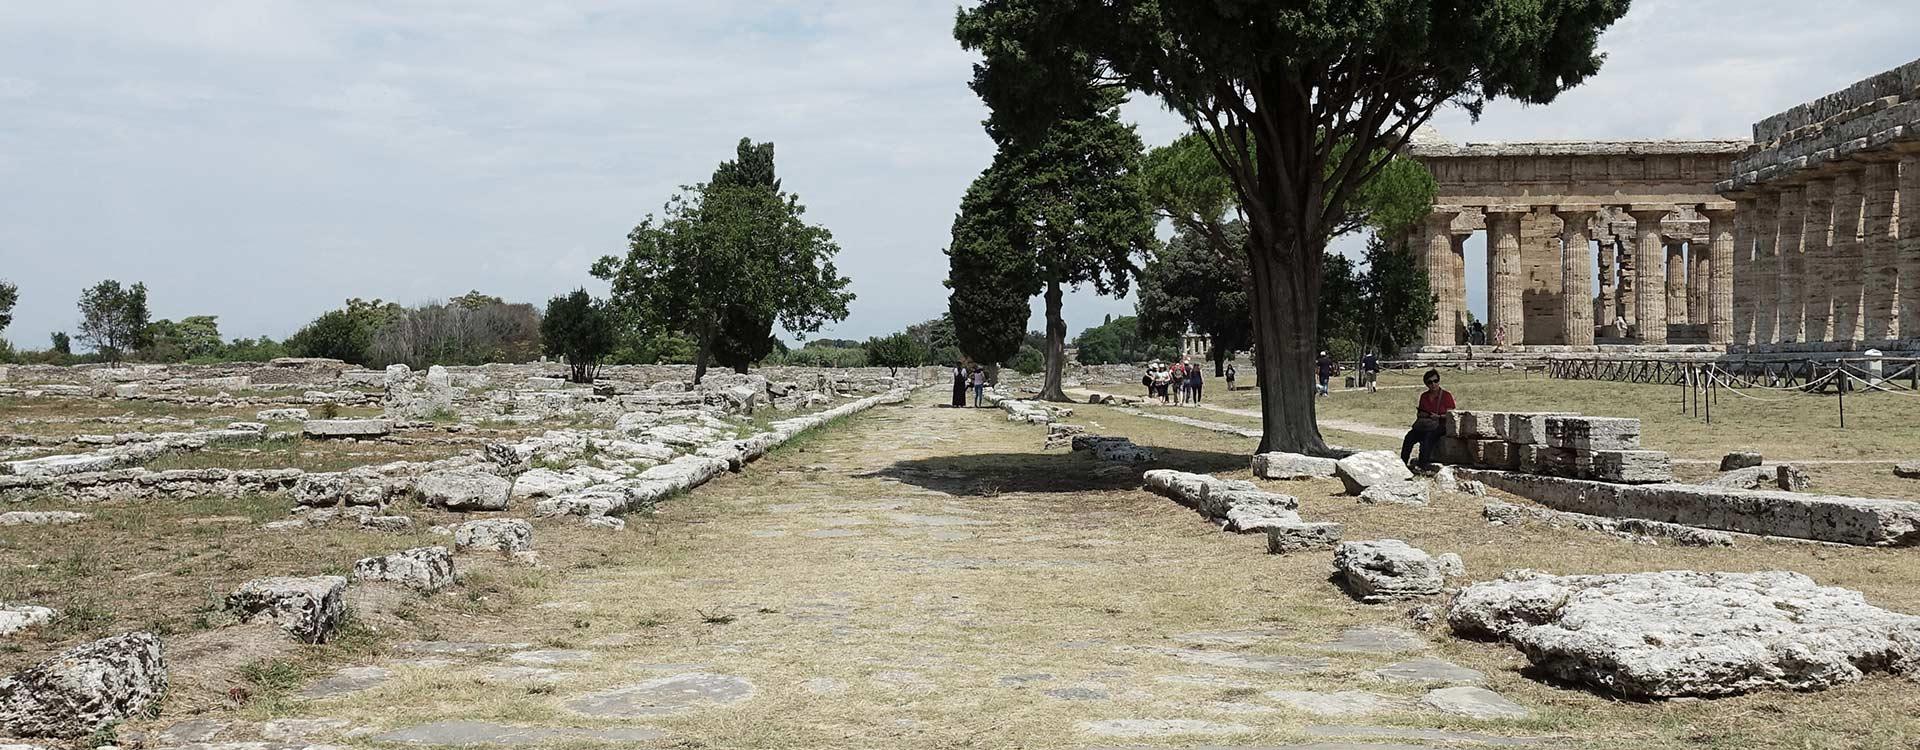 anteprima-paestum